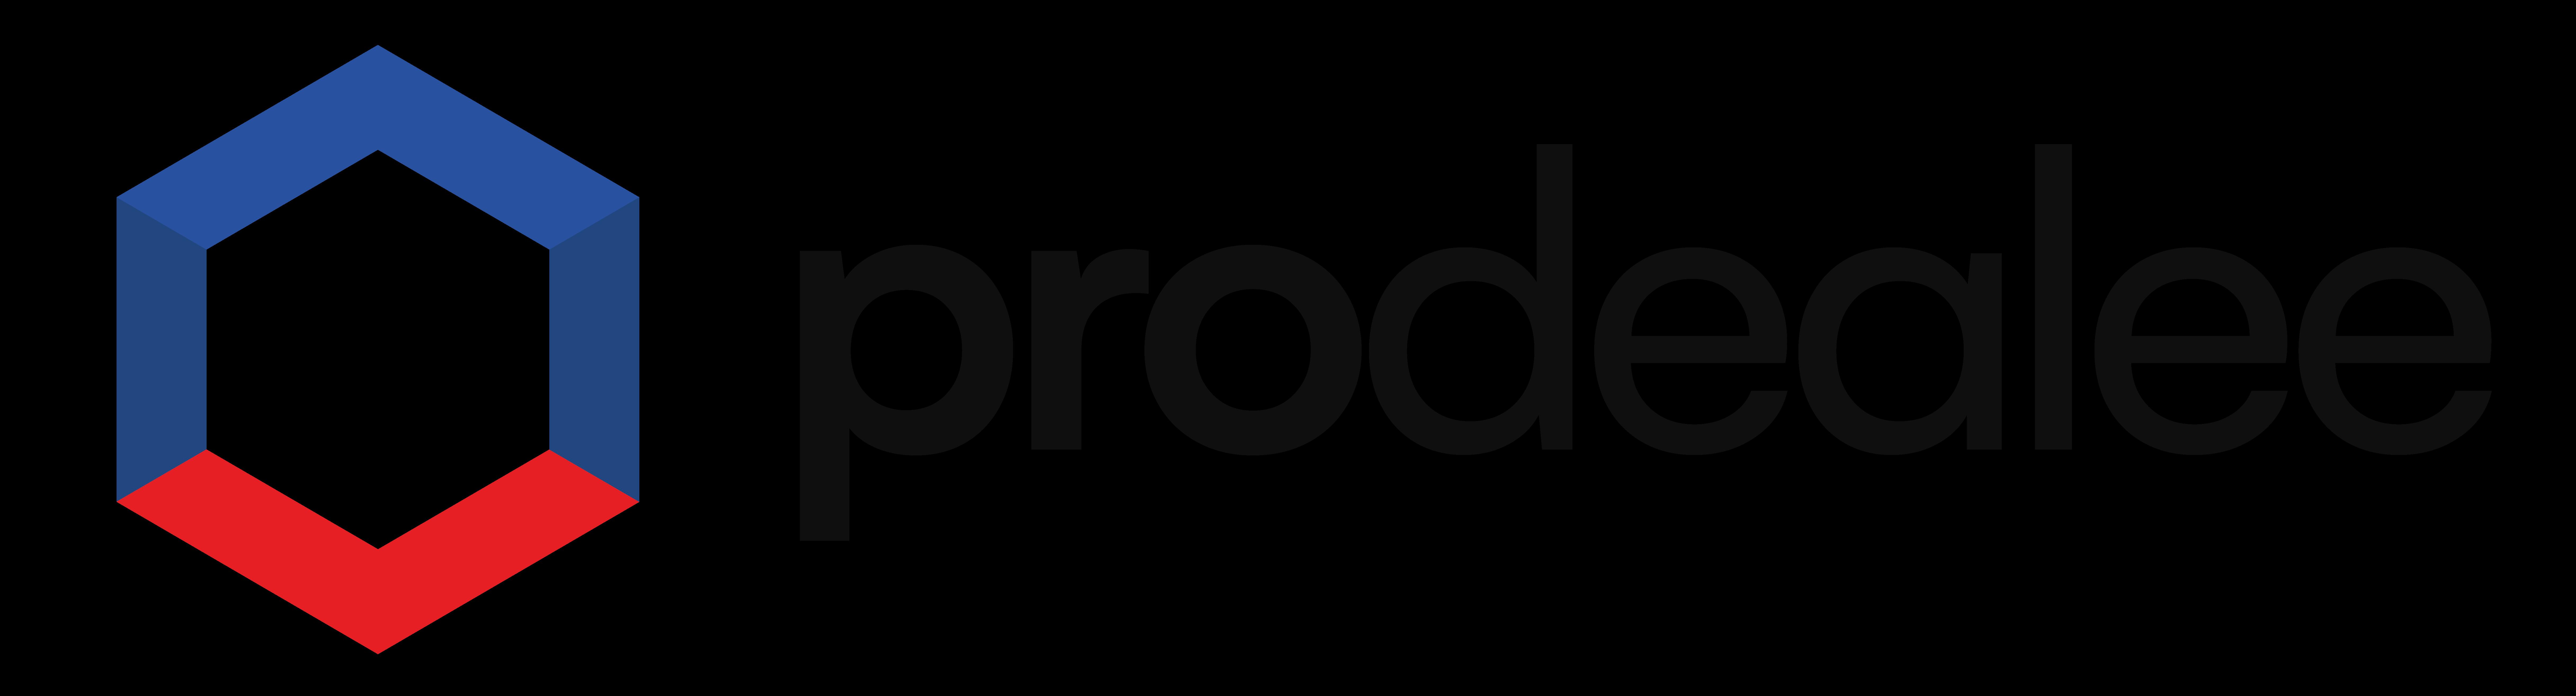 Prodealee : grossiste de téléphone mobile neuf pour PME et TPE en France